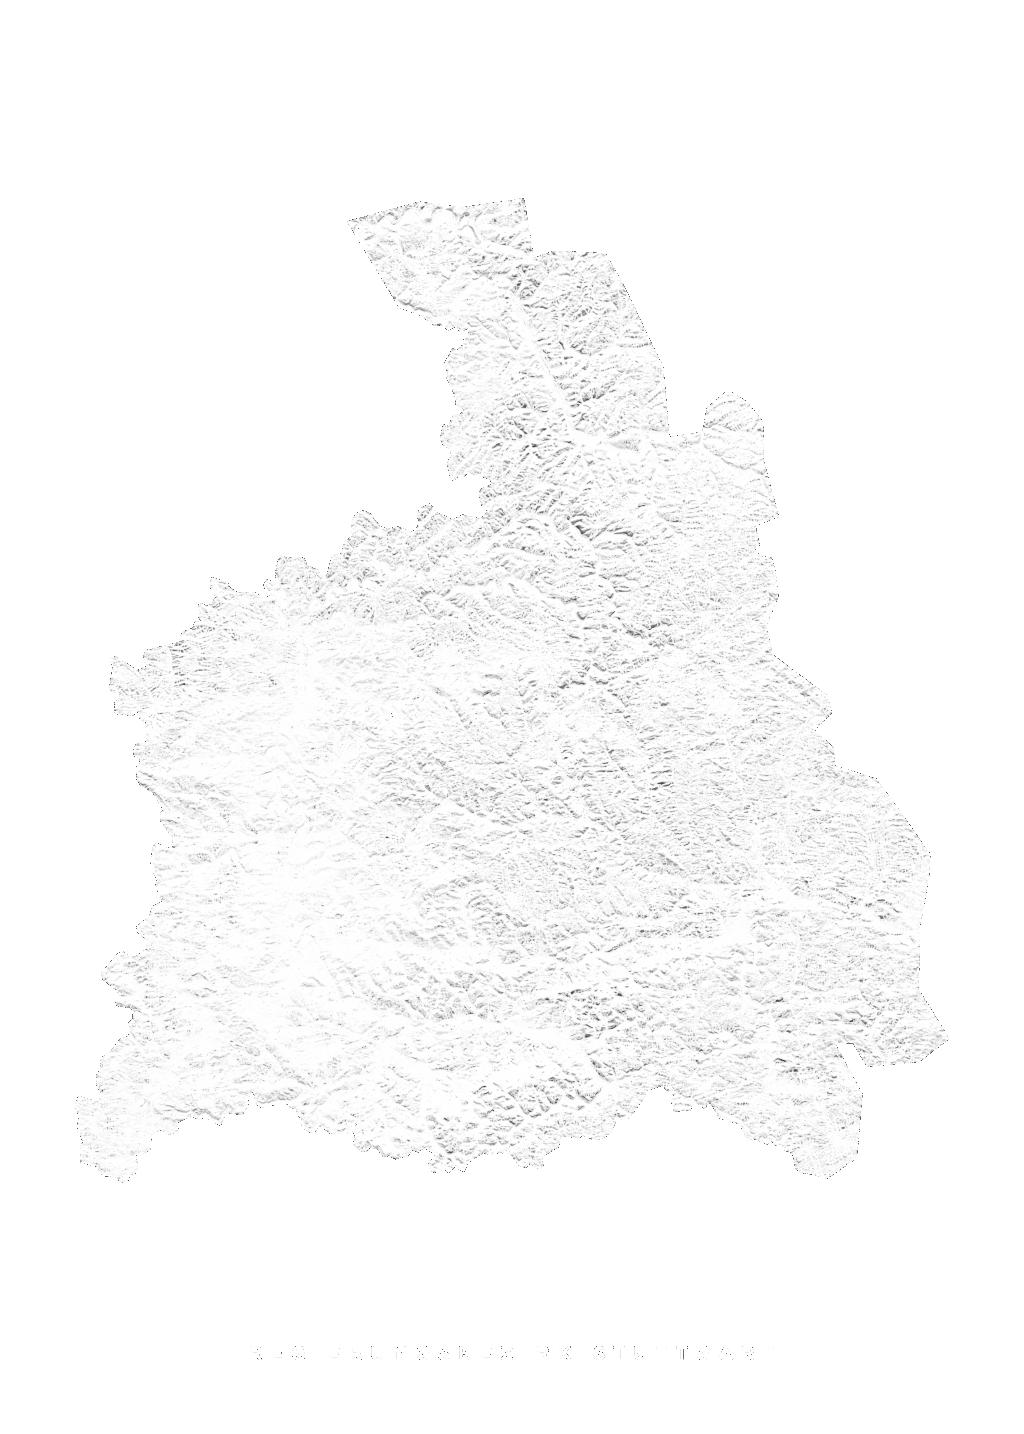 Regierungsbezirk Stuttgart wall map